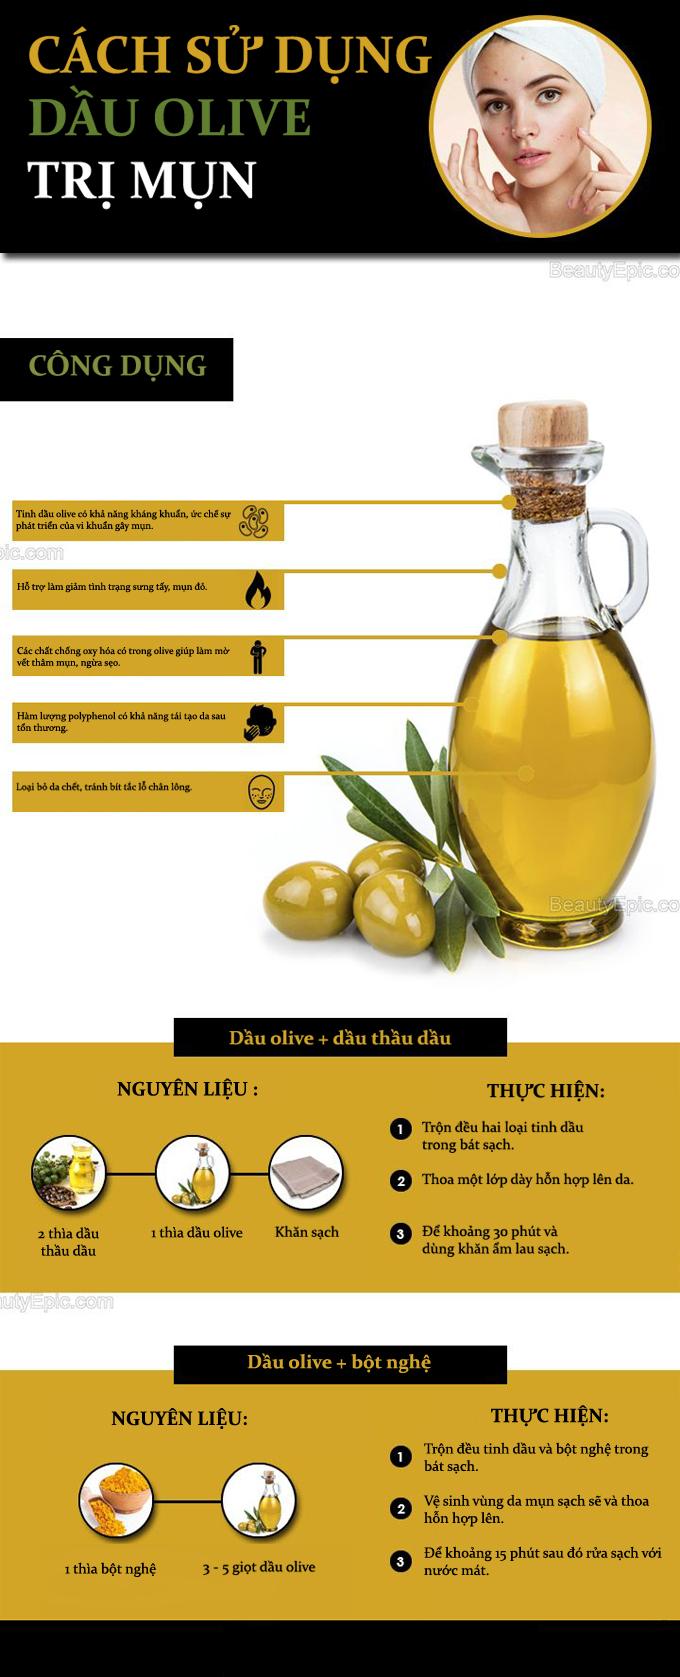 2 cách dùng dầu olive trị sạch mụn - Ảnh 1